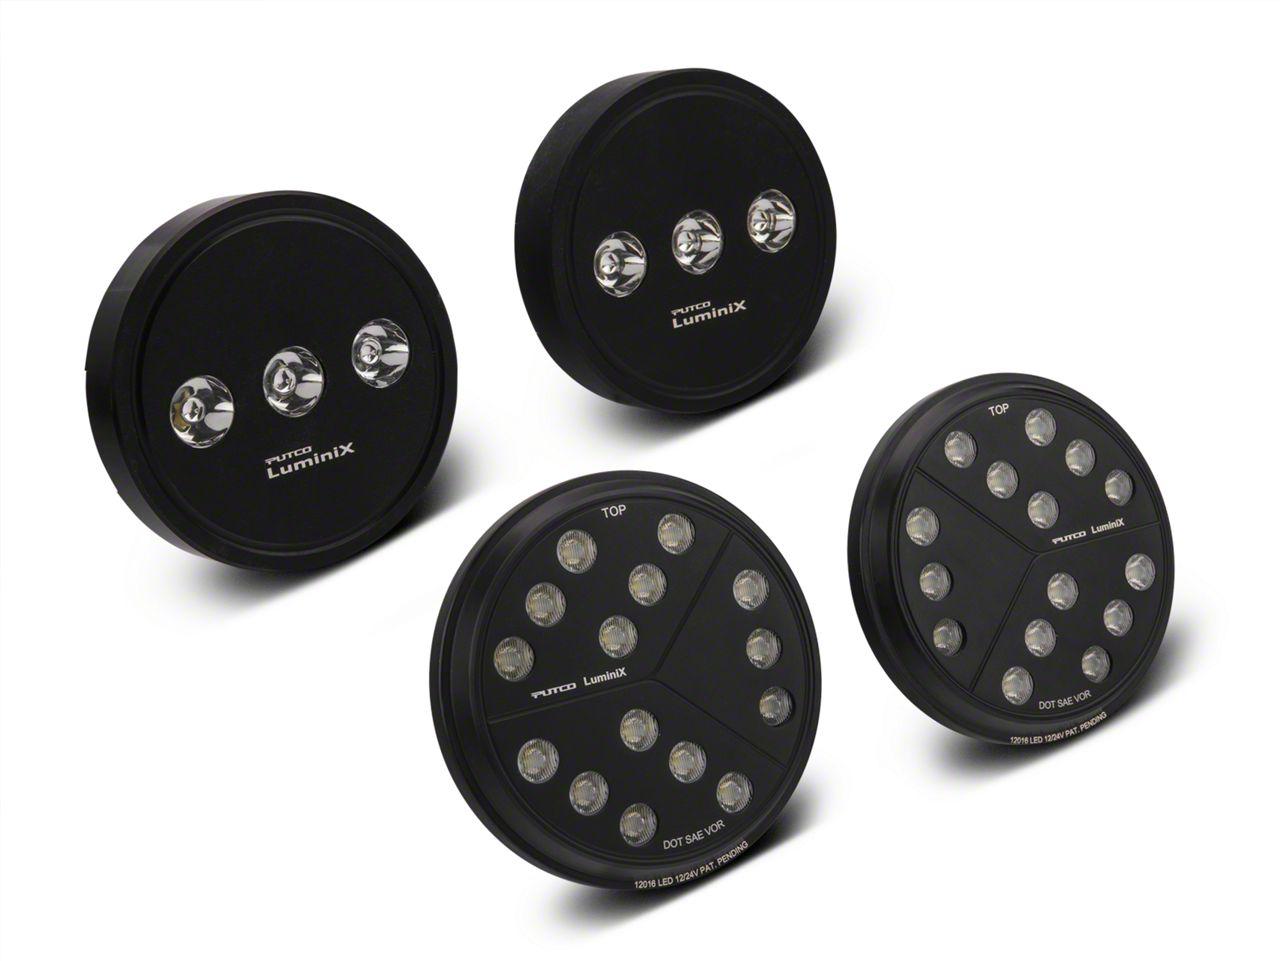 Putco Luminix LED Headlight & Fog Light Combo Kit (07-18 Jeep Wrangler JK)